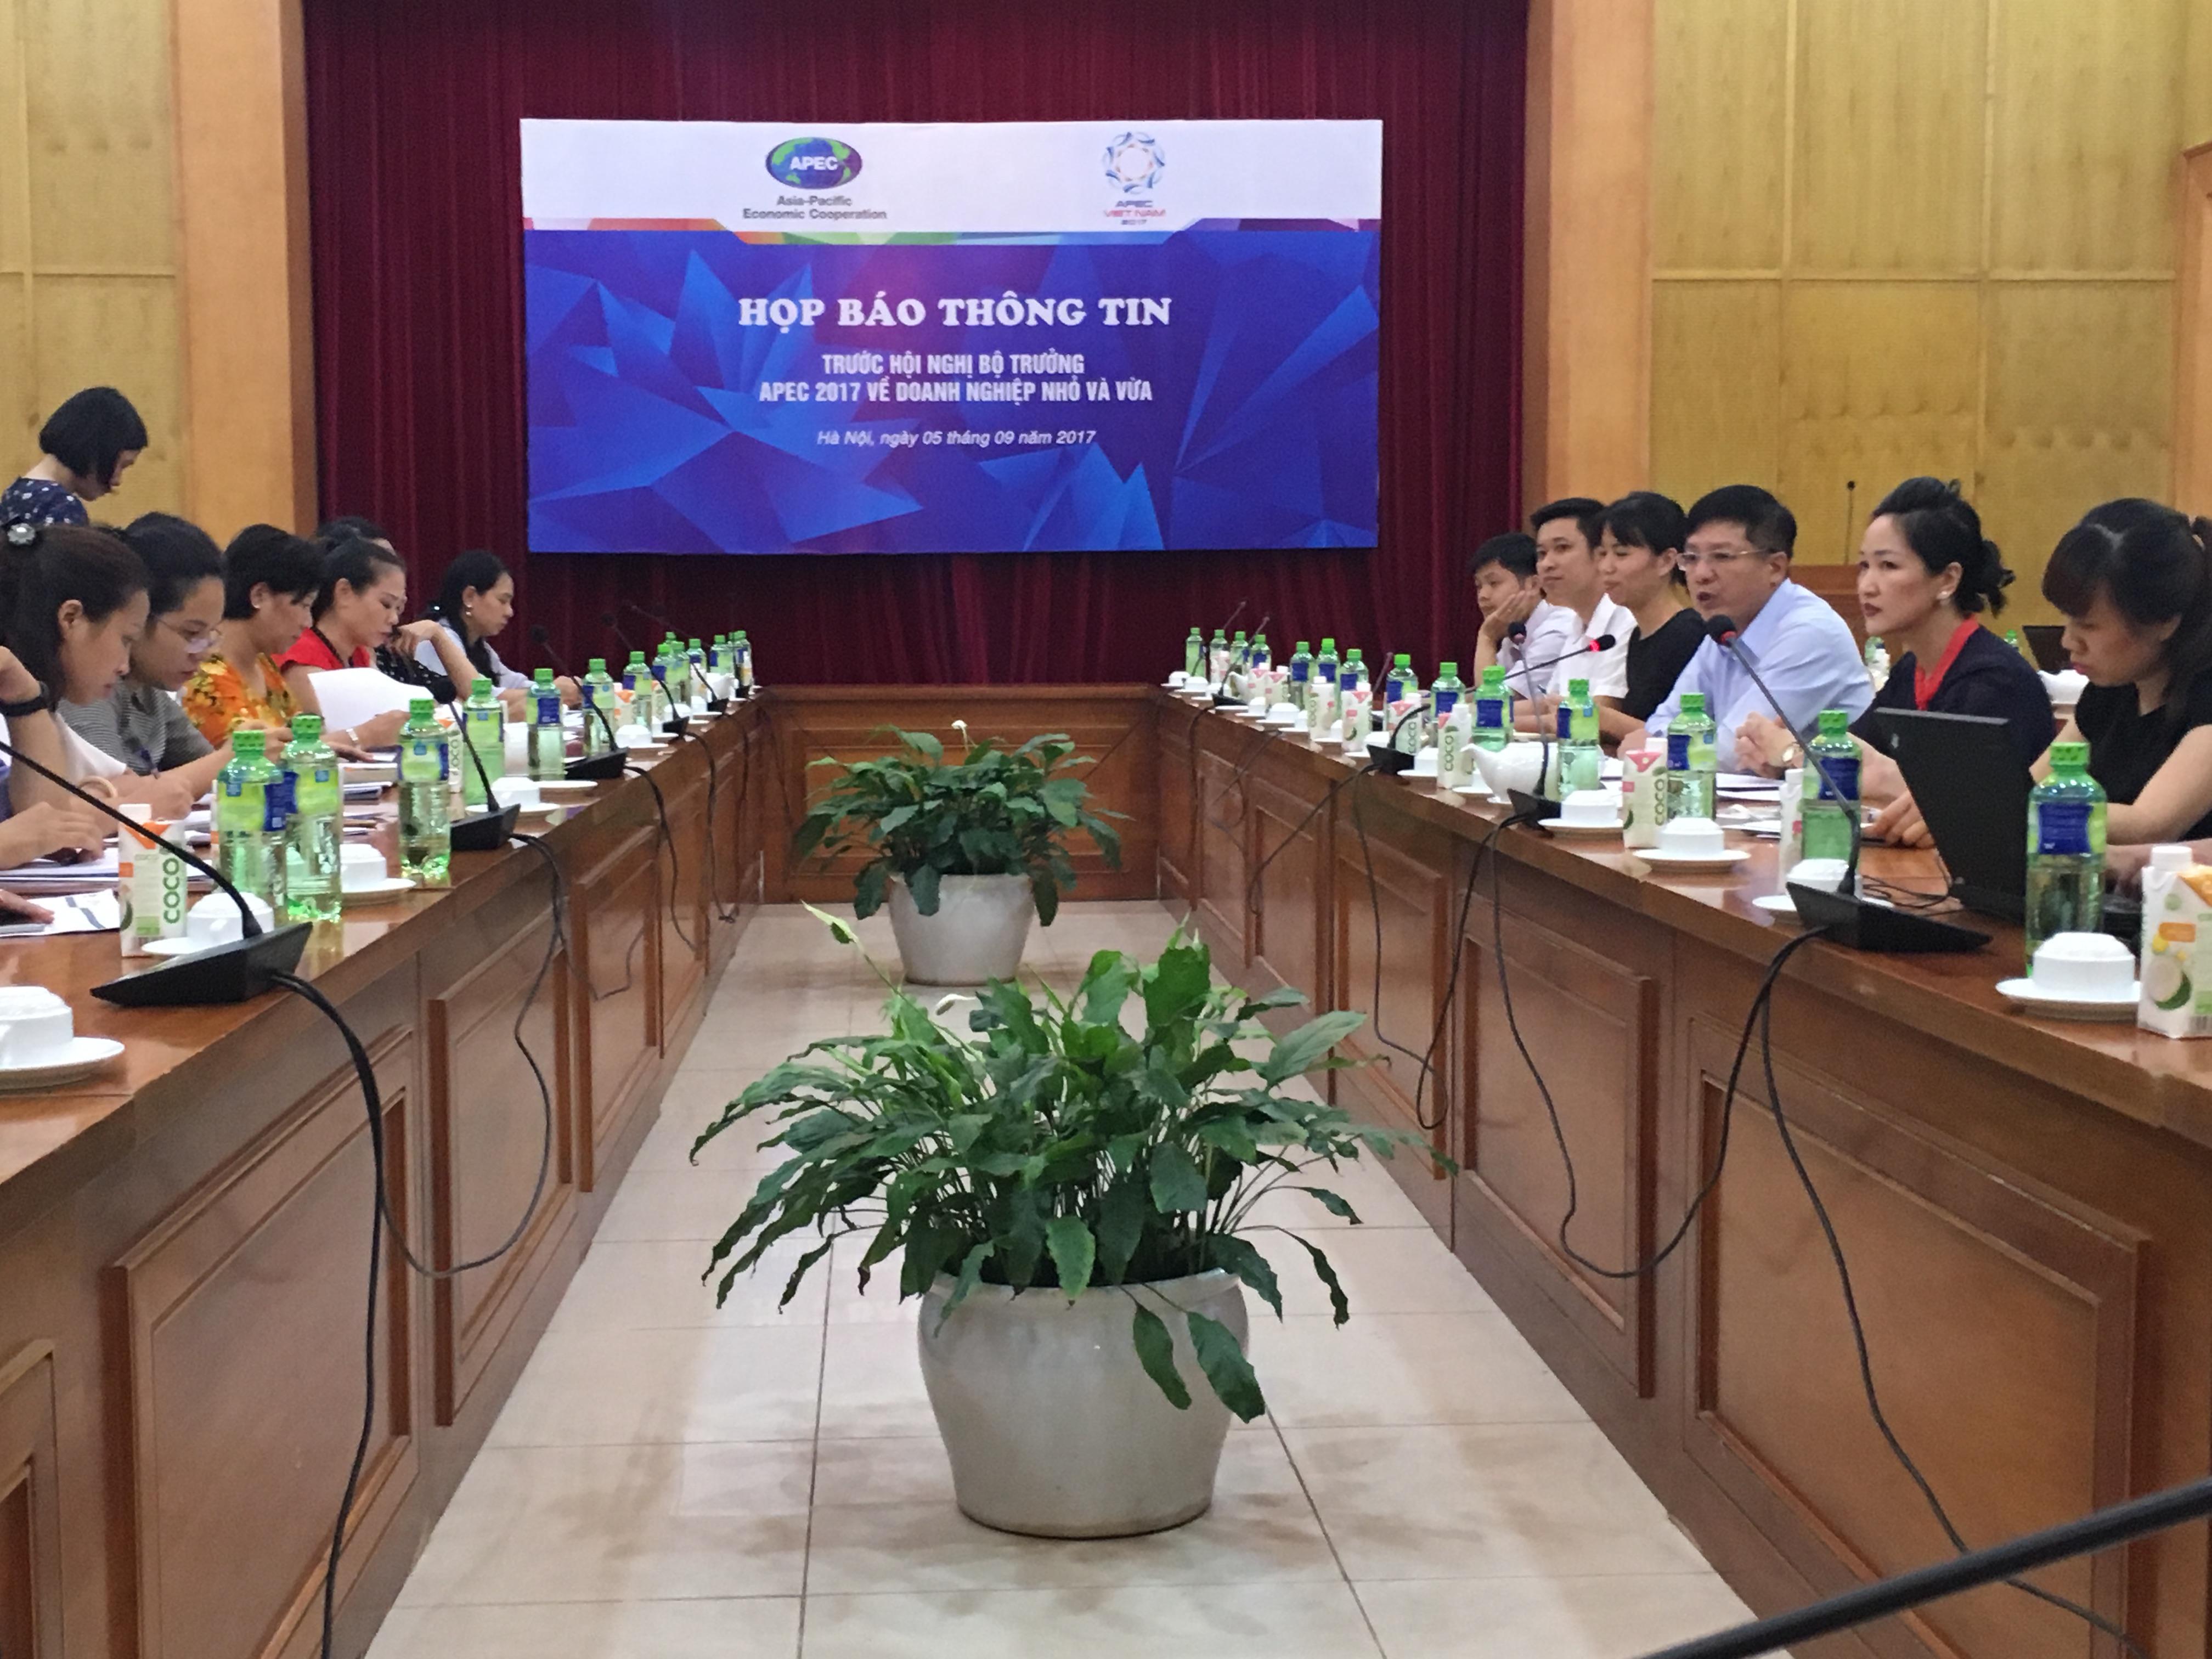 Hội nghị Bộ trưởng DNNVV APEC 2017: Thúc đẩy doanh nghiệp sáng tạo